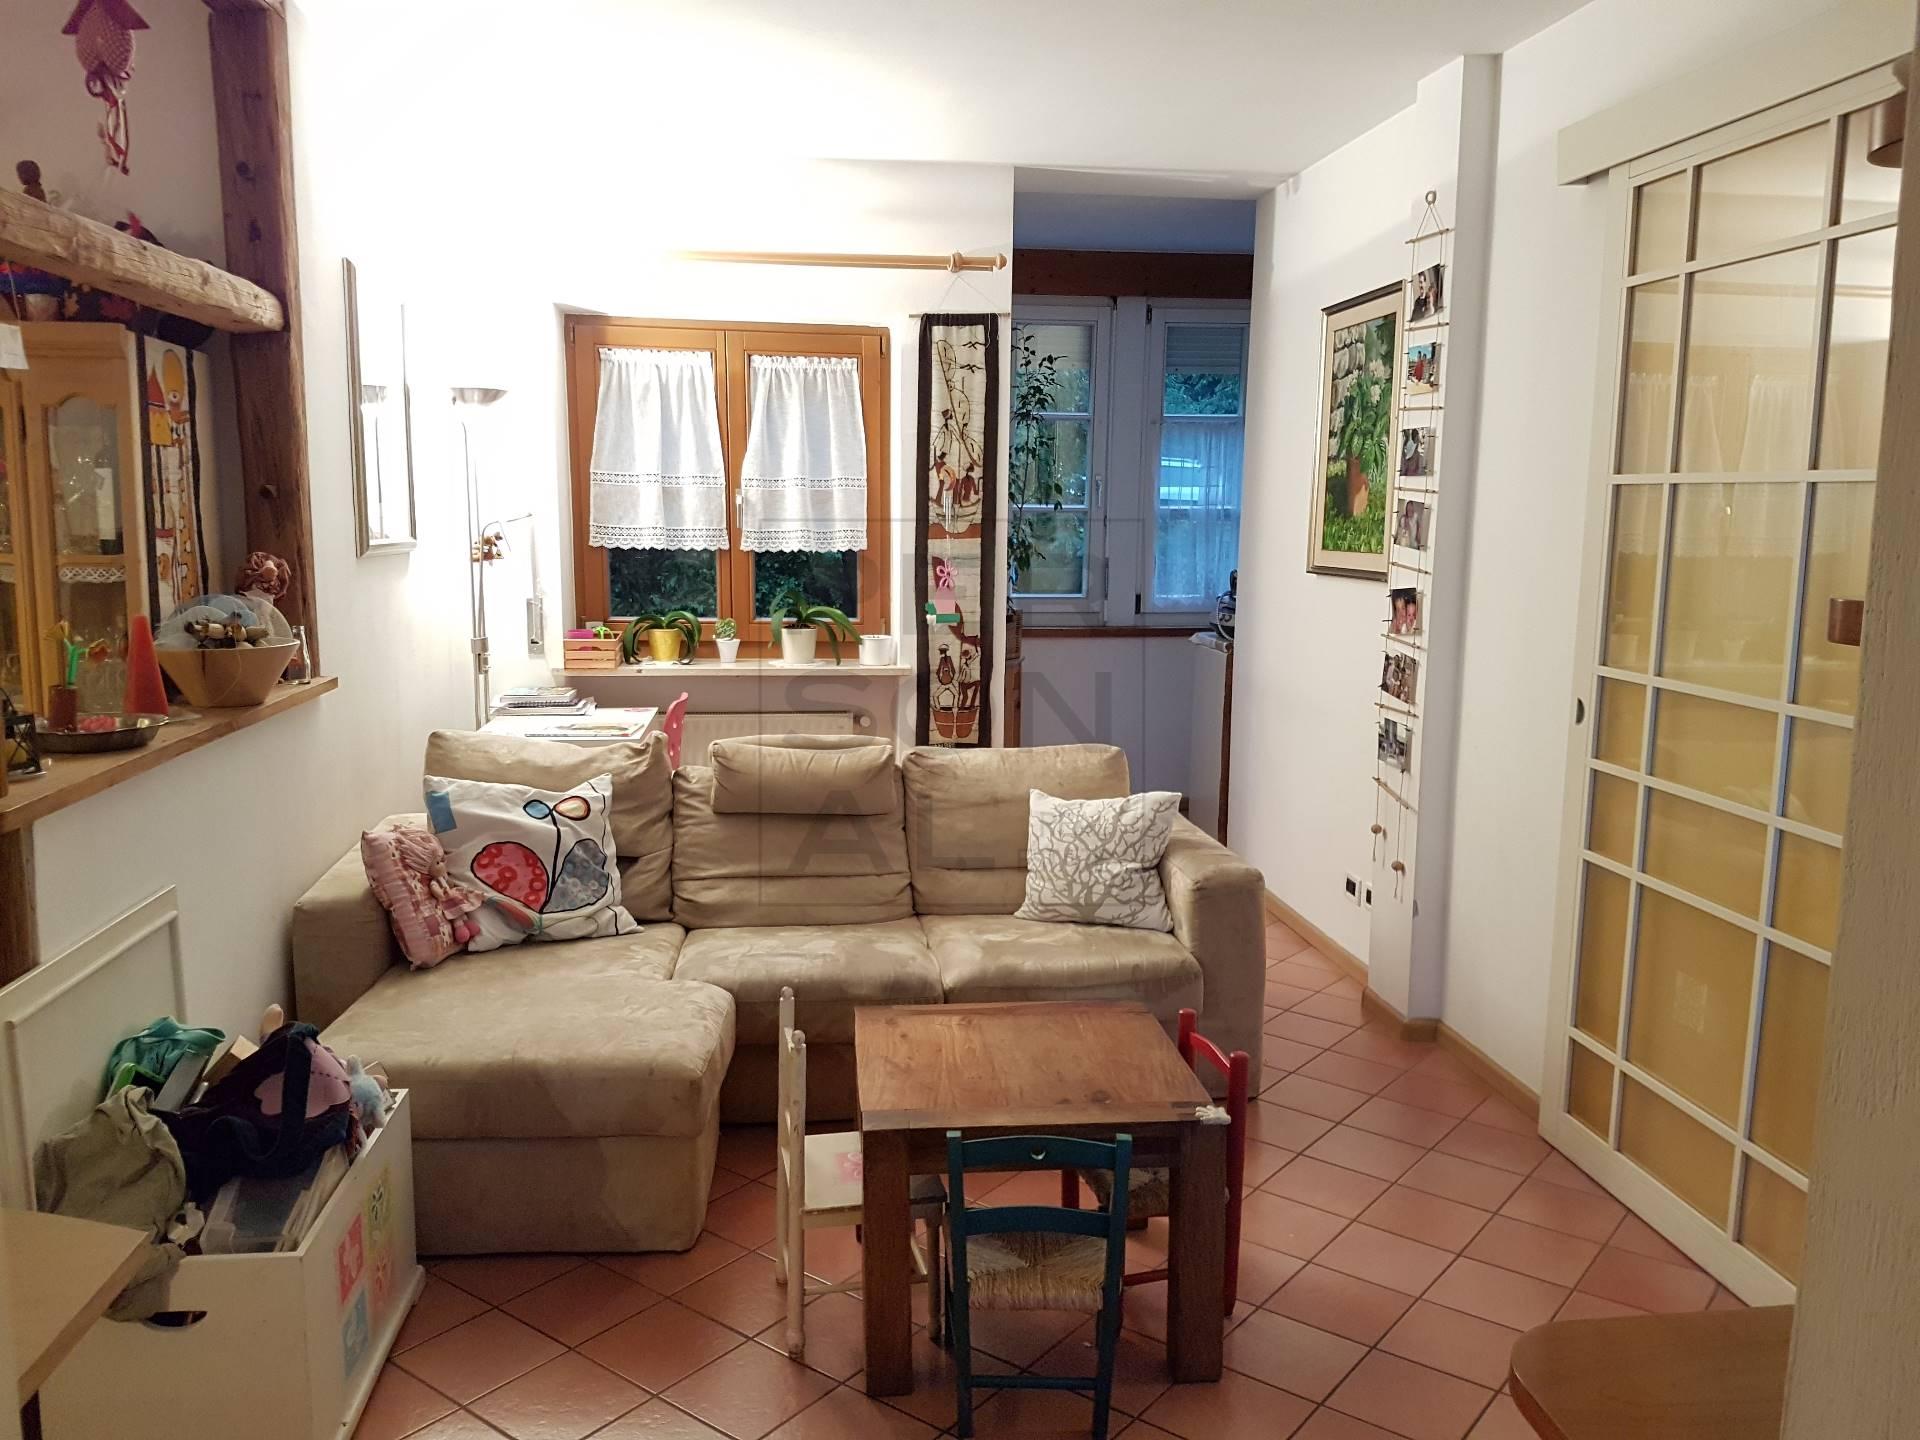 Appartamento in vendita a Bronzolo, 3 locali, prezzo € 259.000 | CambioCasa.it